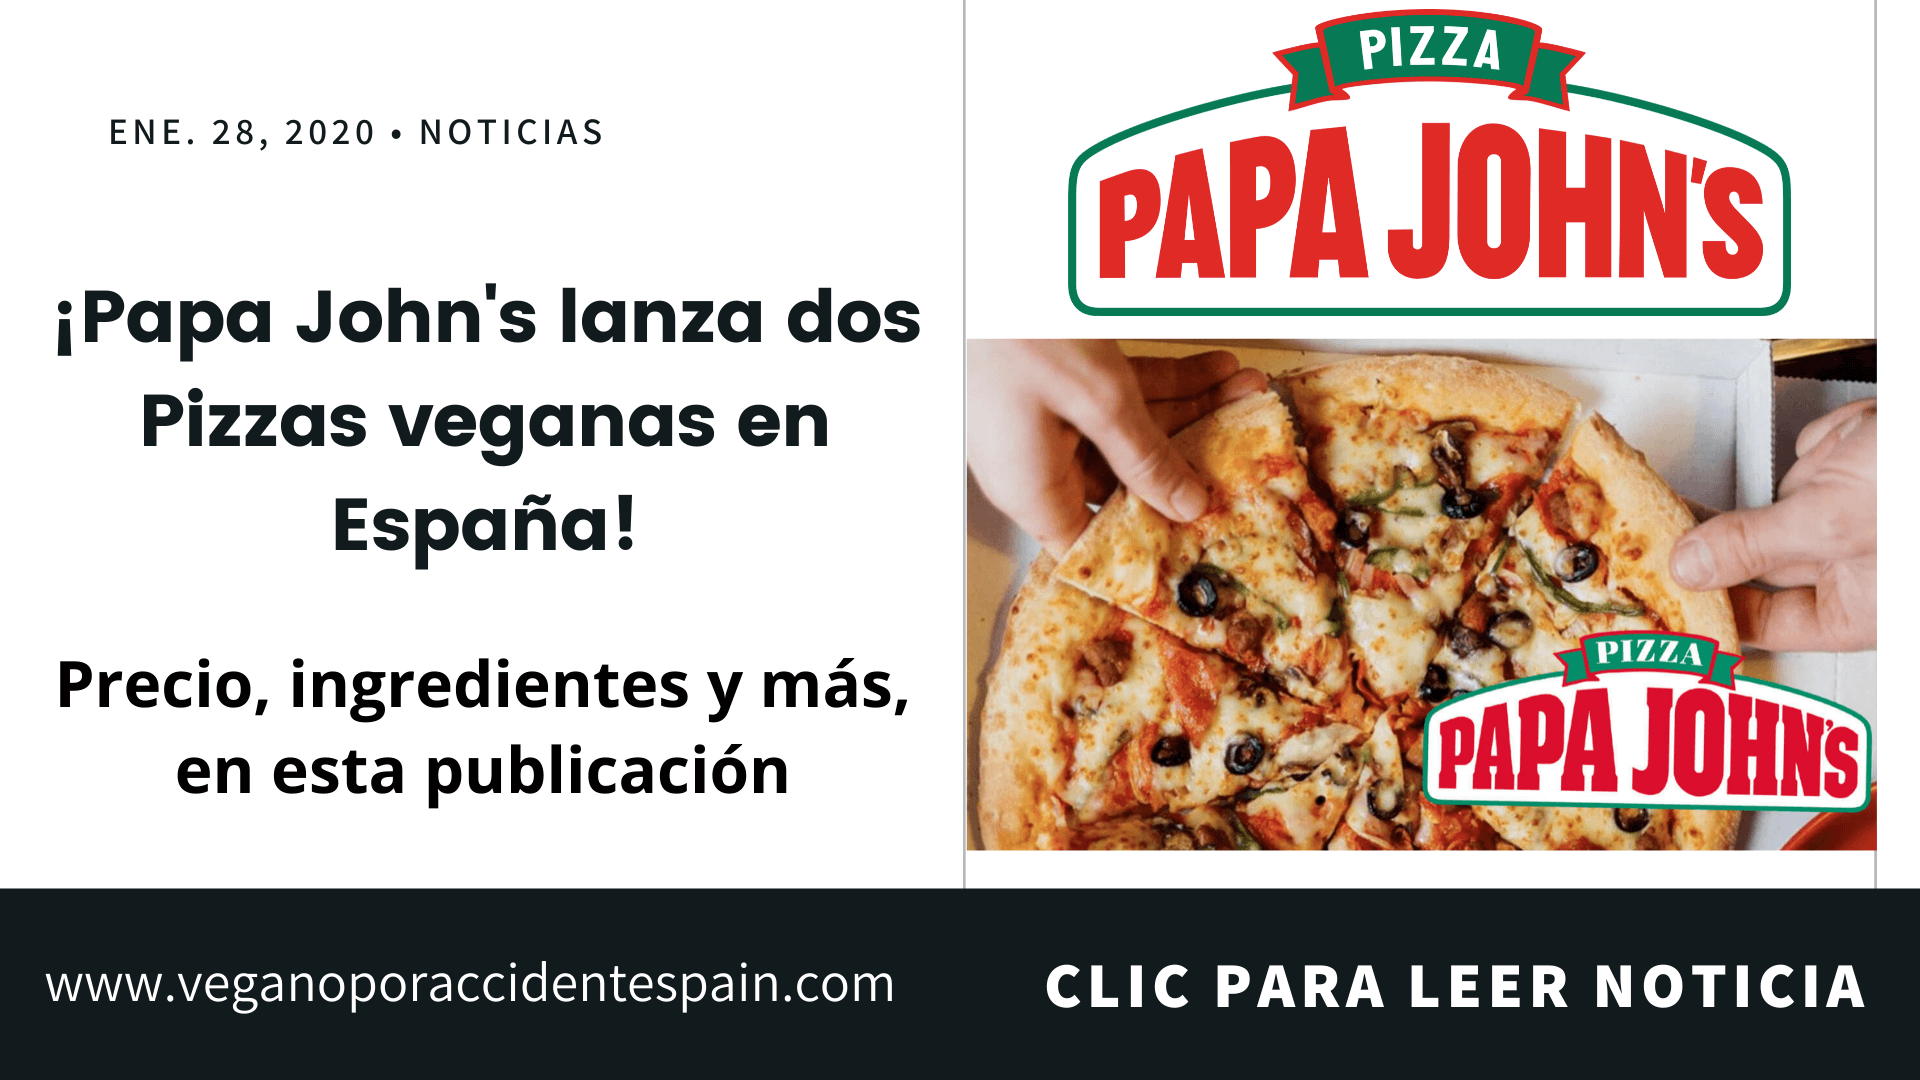 Lanzan pizza vegana en Papa John's España ¡con queso vegano!